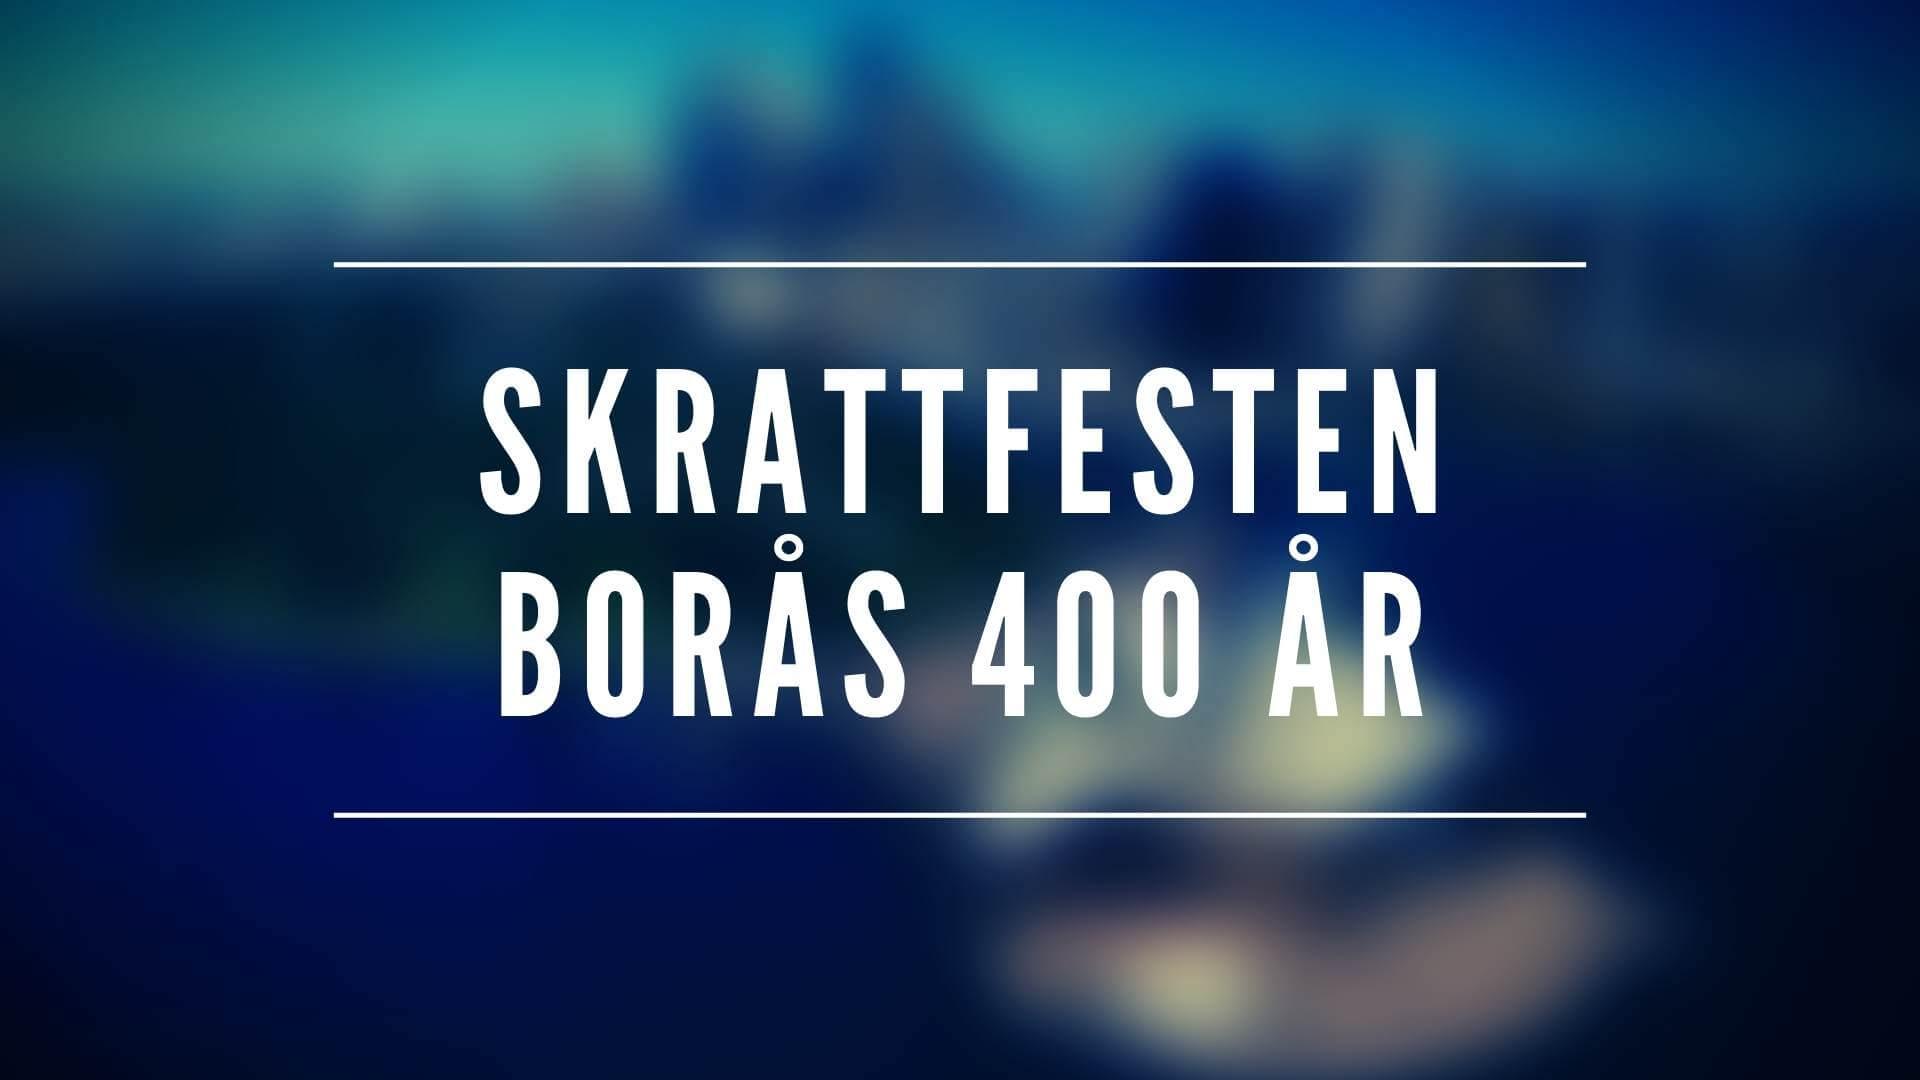 Skrattfesten 2021 - Borås 400 år, Scandinavian Artist